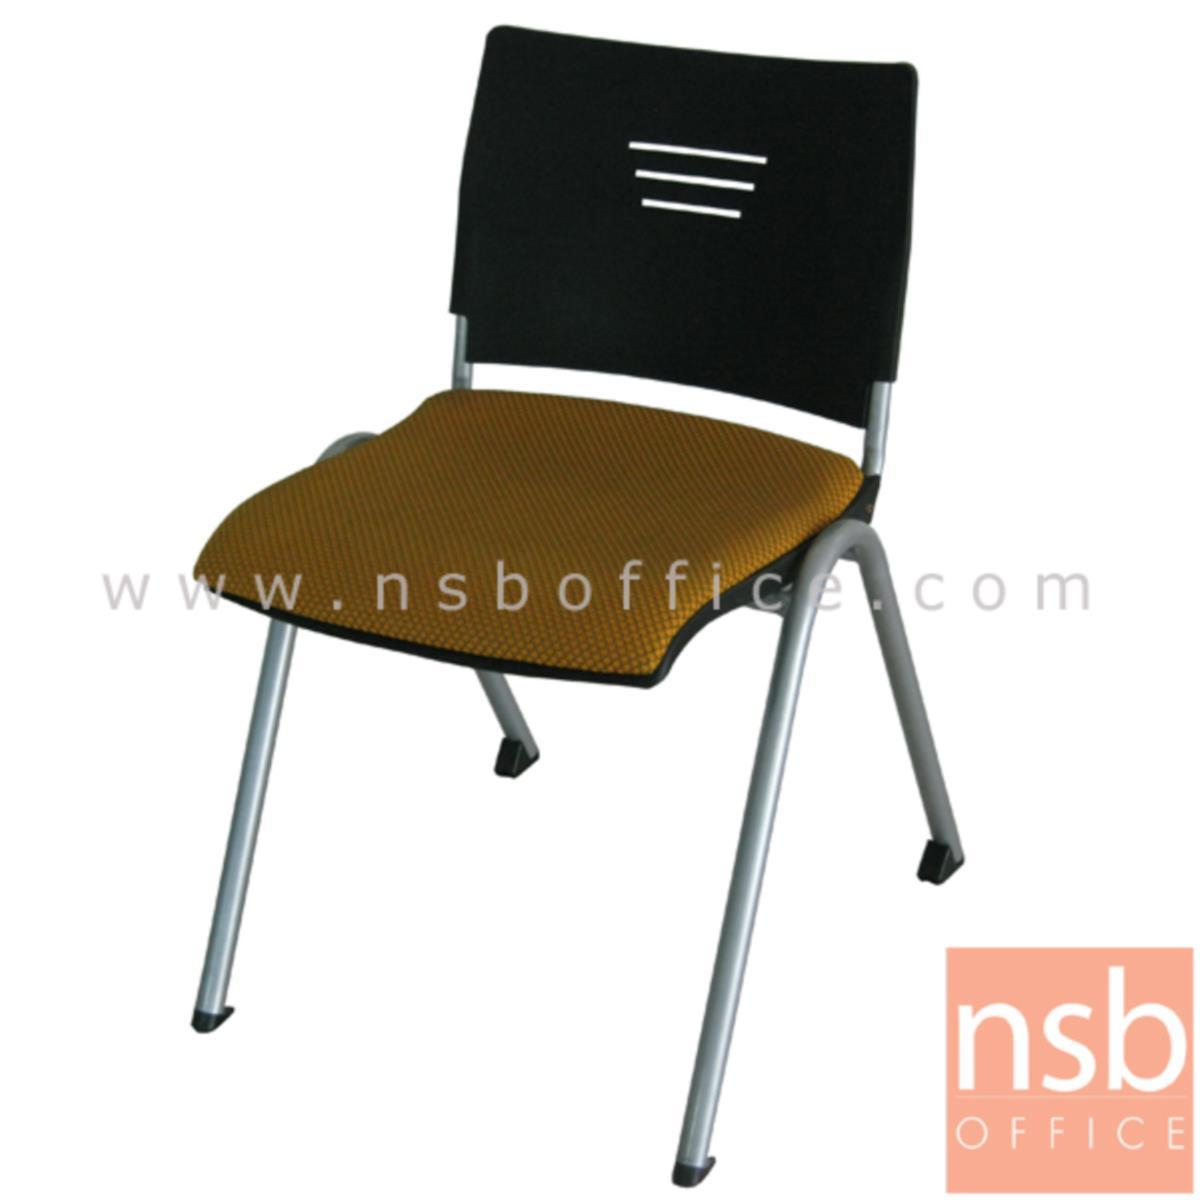 B05A173:เก้าอี้อเนกประสงค์เฟรมโพลี่ รุ่น Elgin (เอลจิน) โครงเก้าอี้พ่นสีในระบบ epoxy